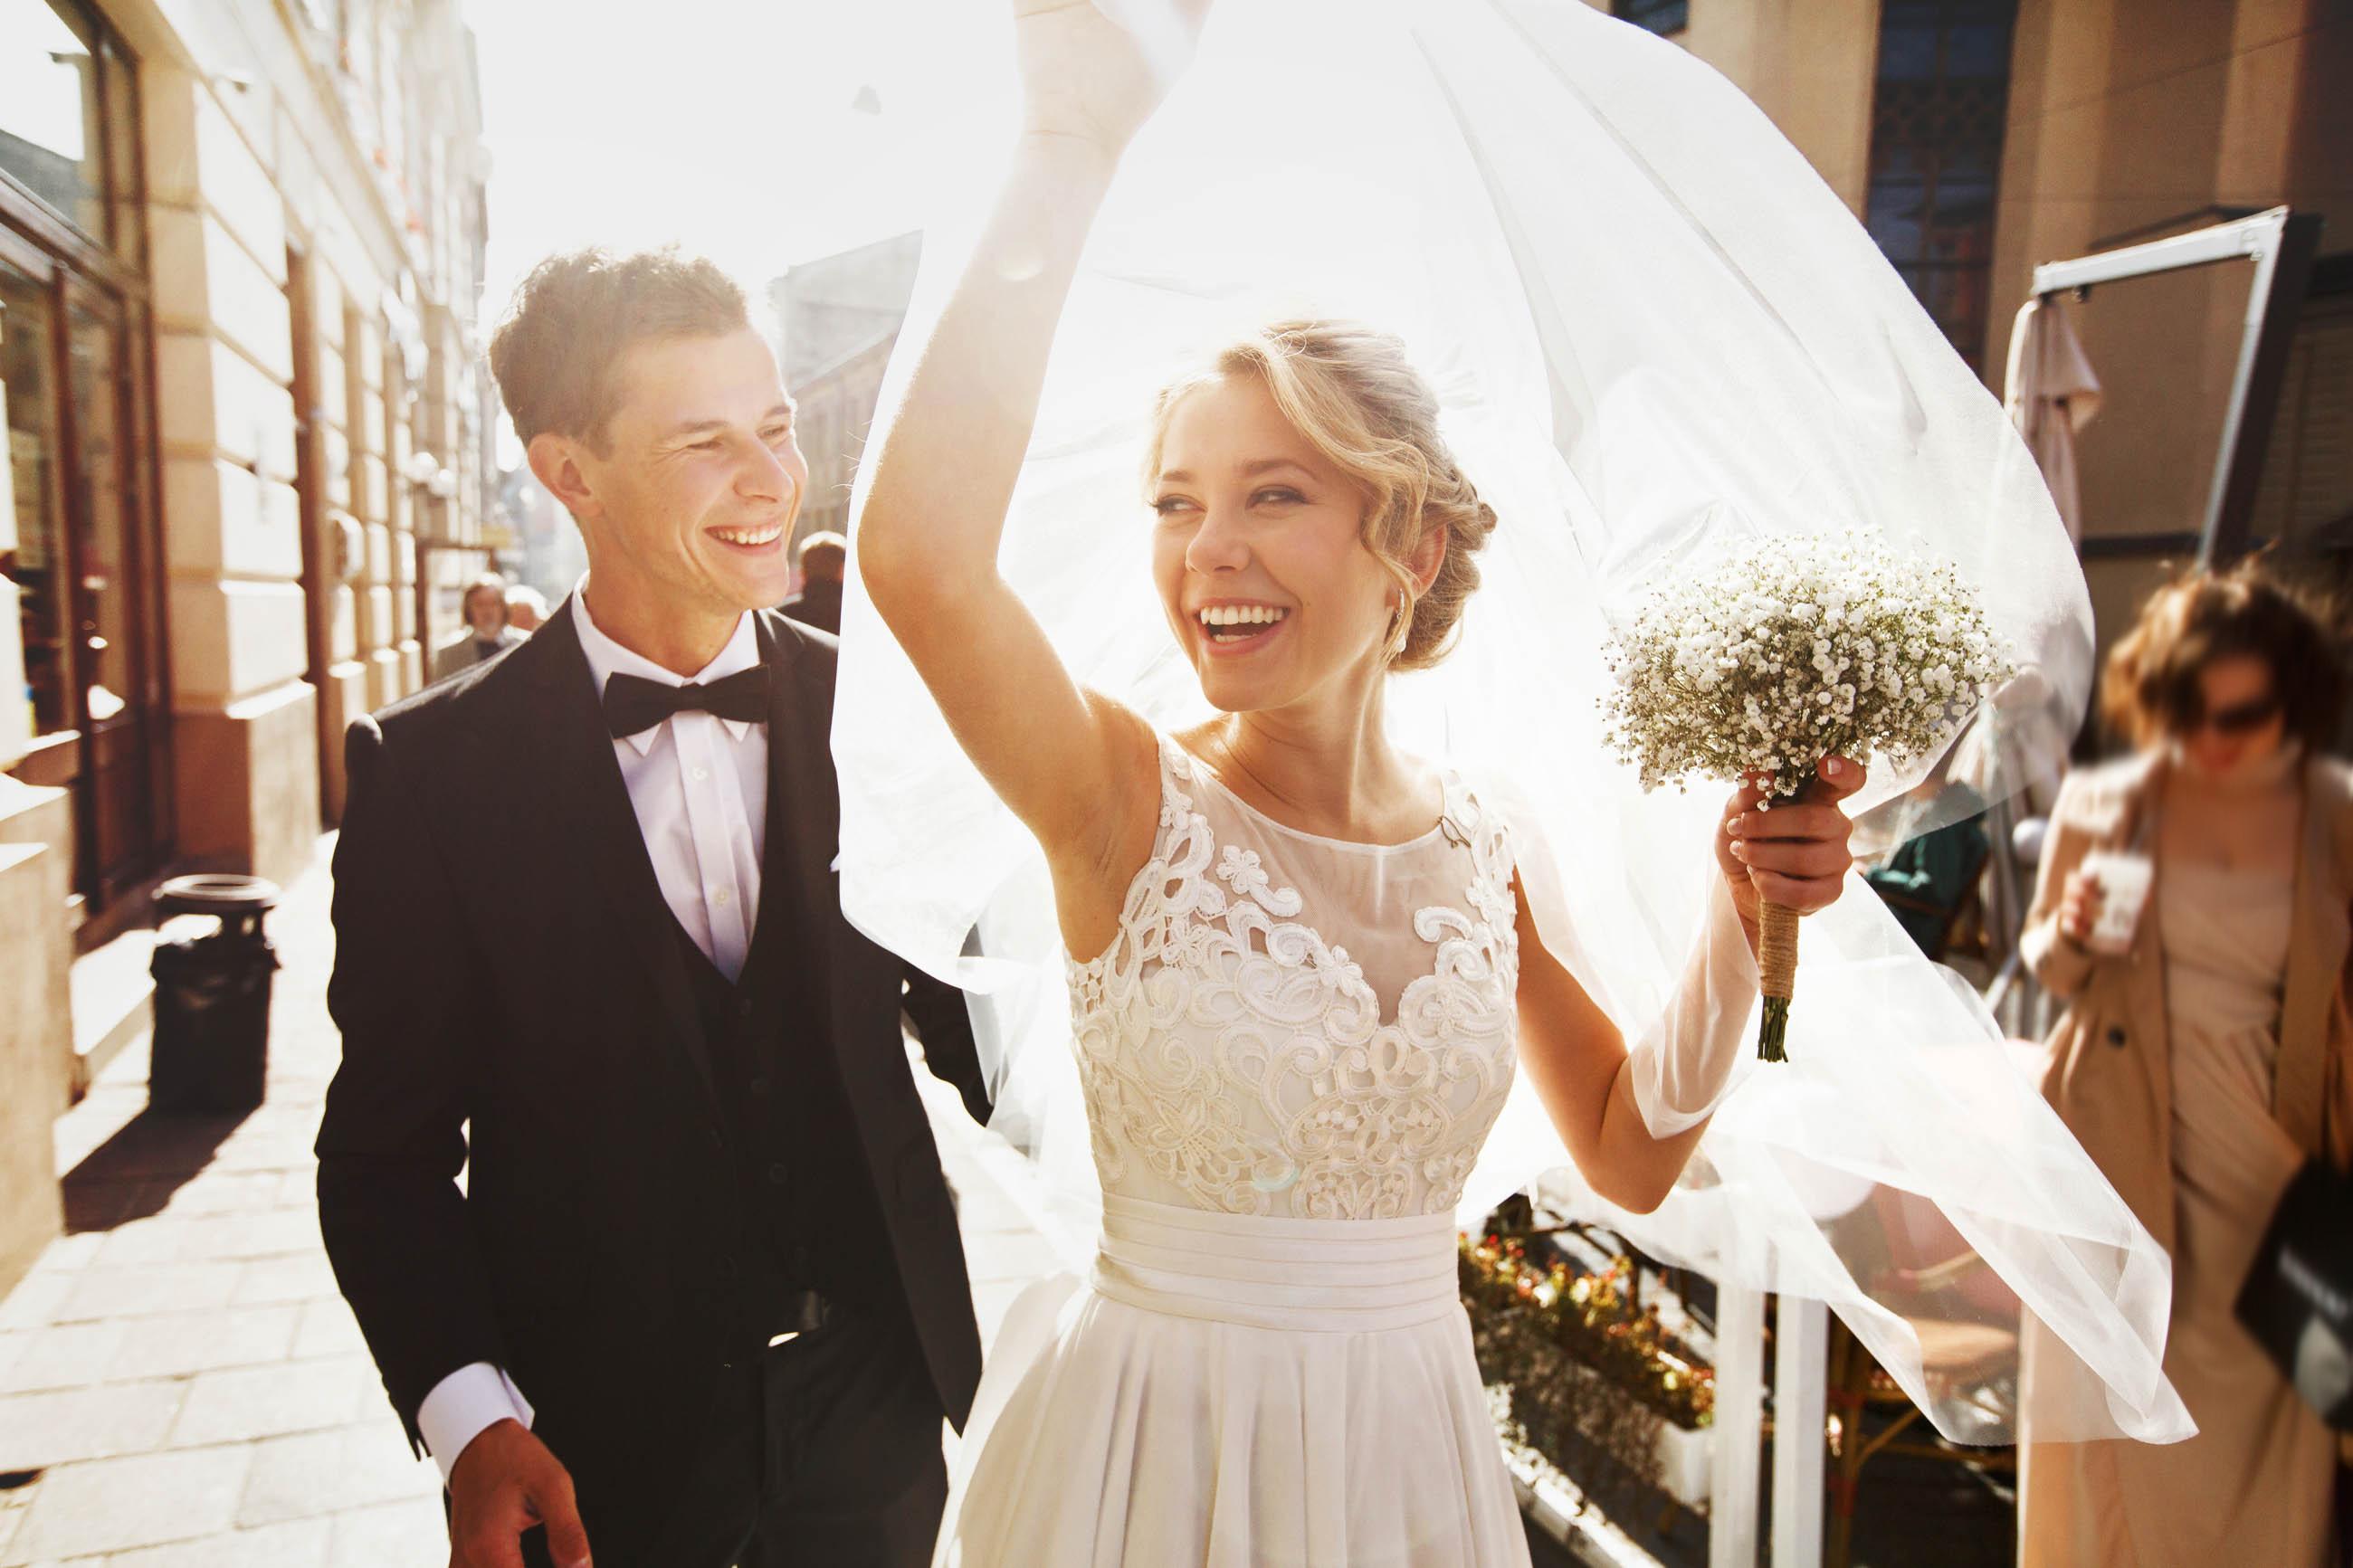 Partecipazioni matrimonio on line: 5 motivi per cui acquistarle sul web